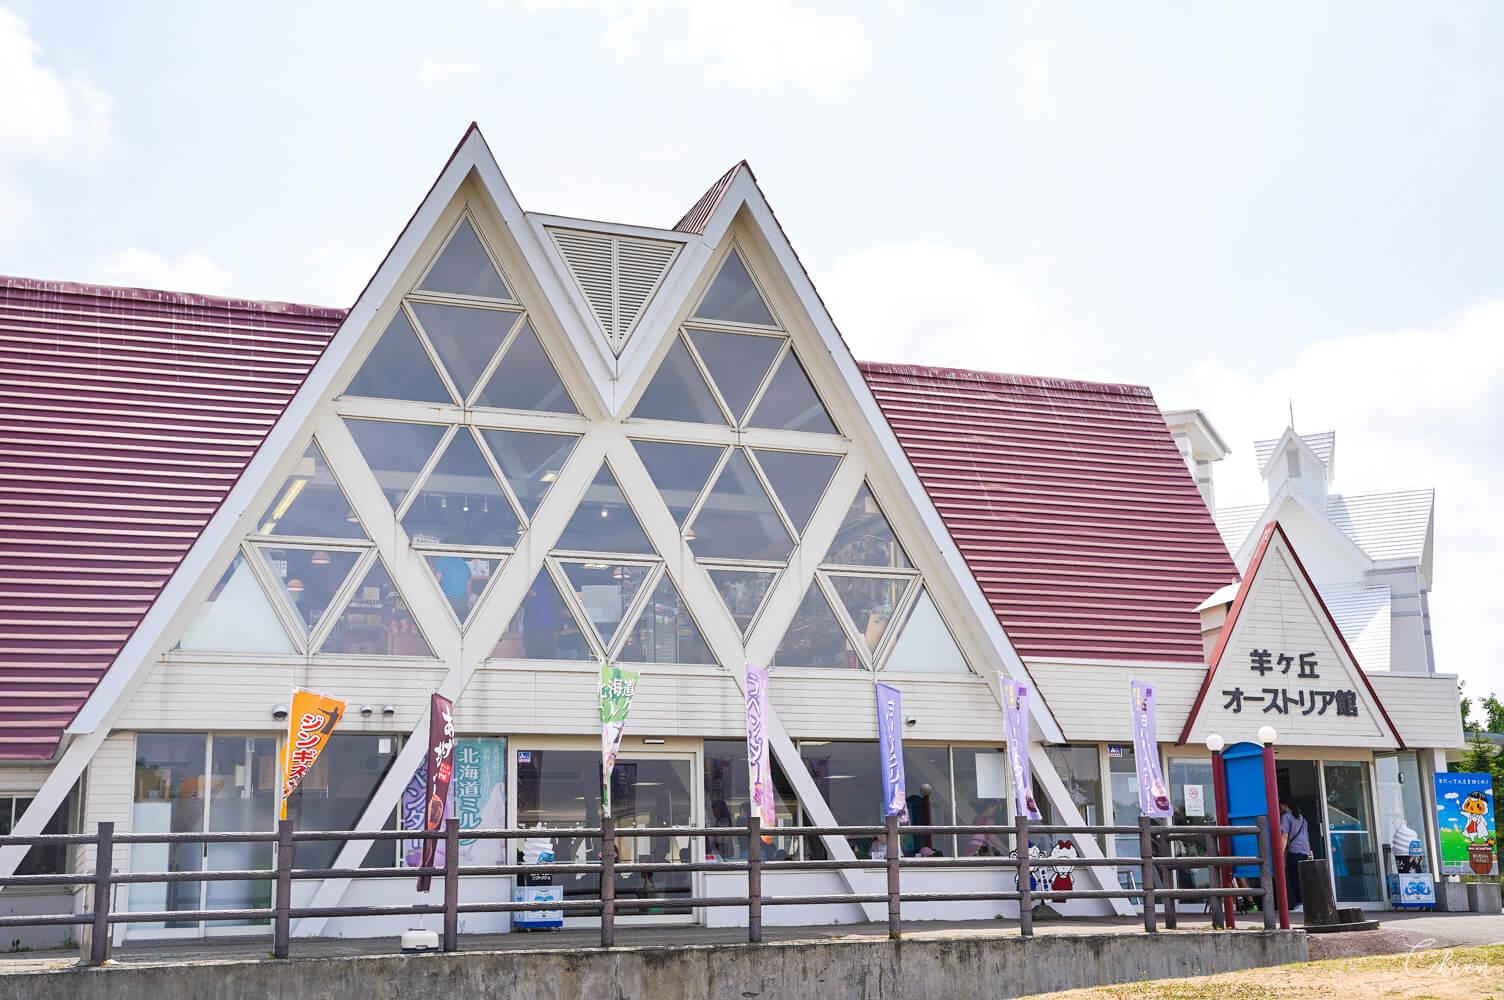 札幌觀光景點 羊之丘展望台